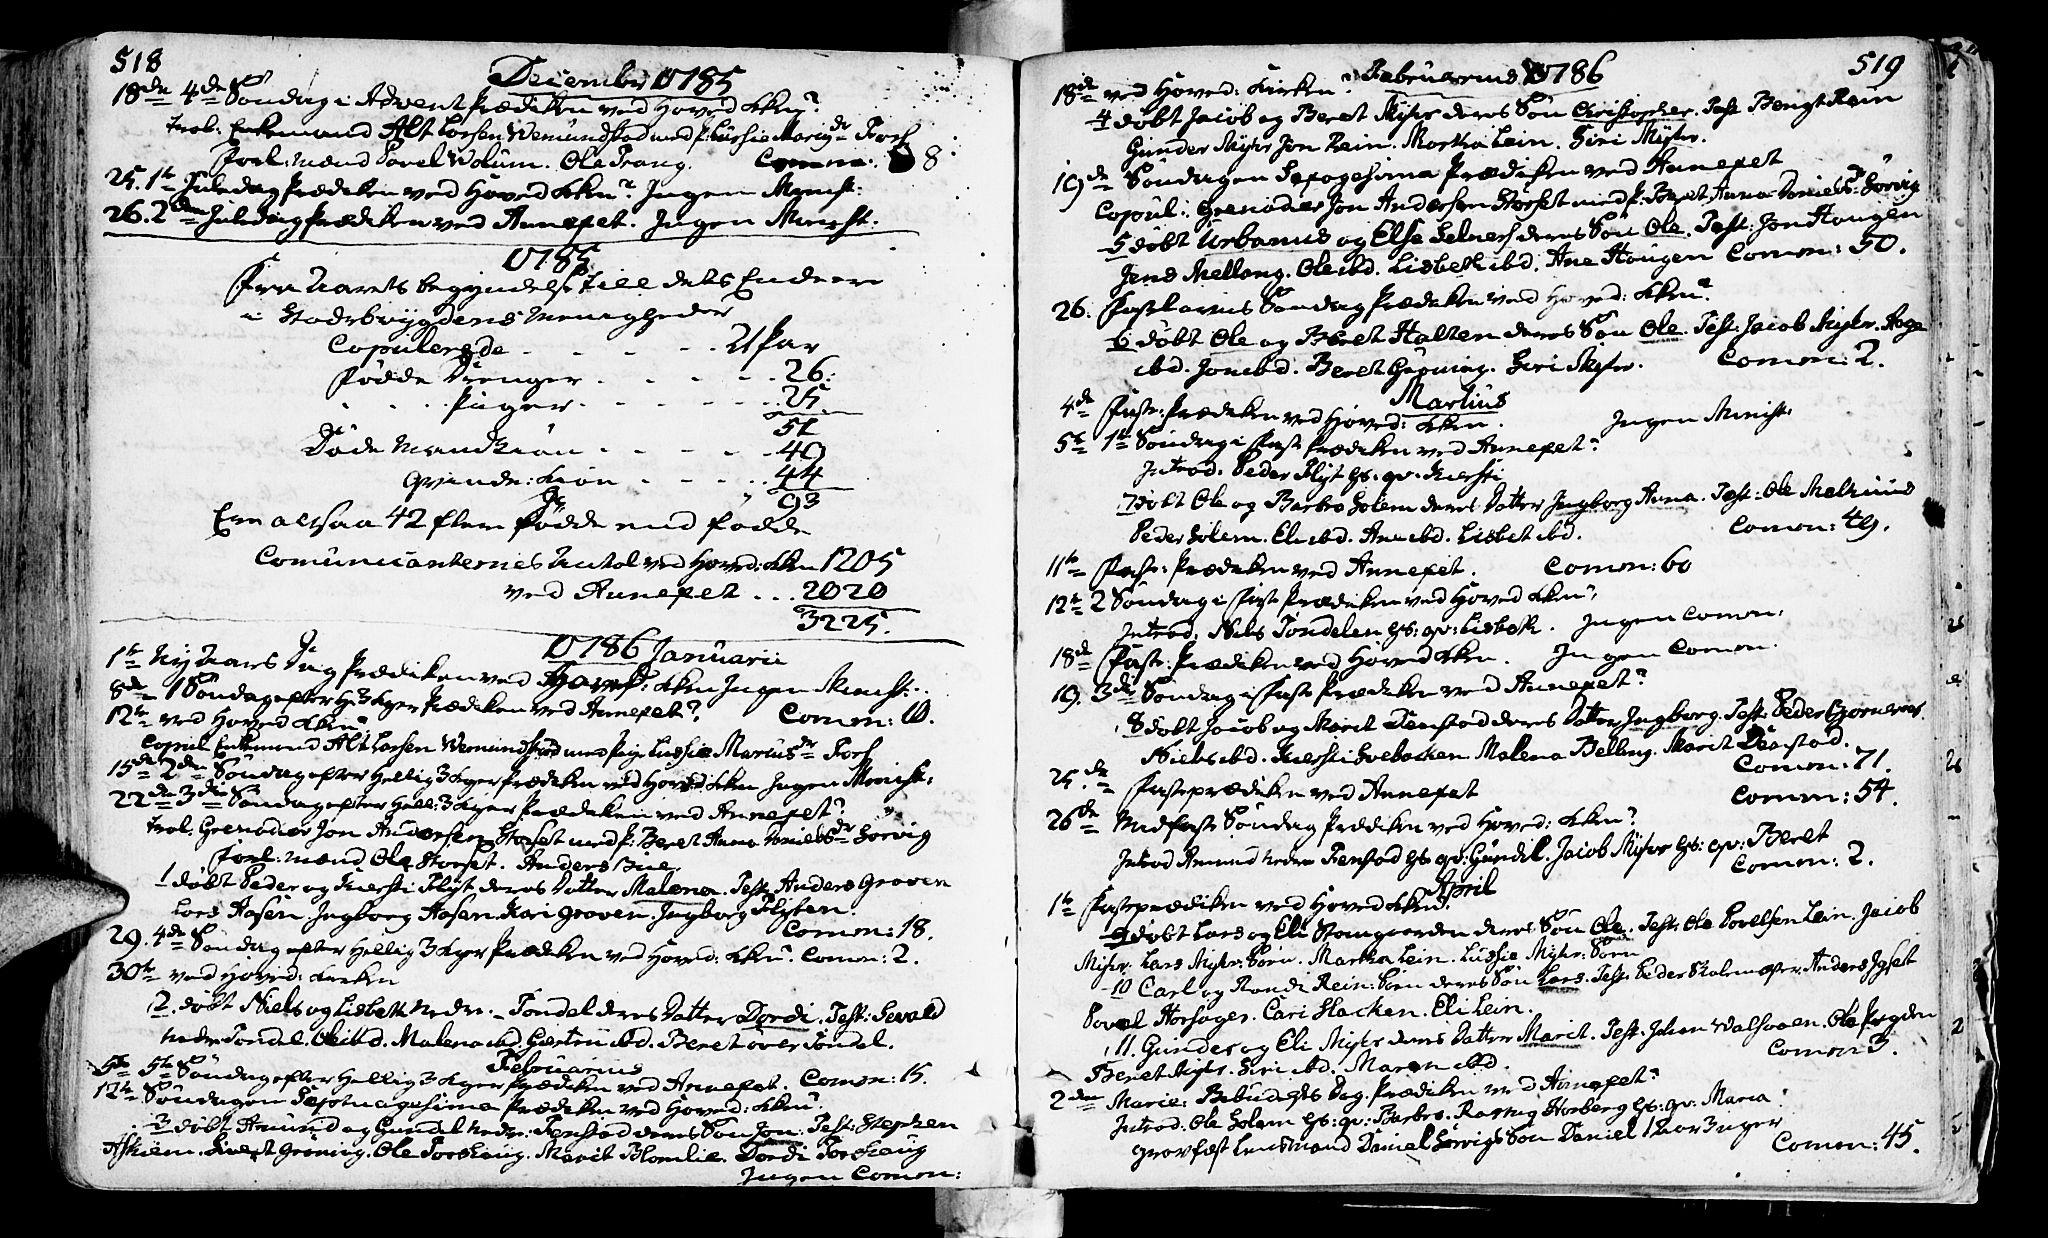 SAT, Ministerialprotokoller, klokkerbøker og fødselsregistre - Sør-Trøndelag, 646/L0605: Ministerialbok nr. 646A03, 1751-1790, s. 518-519